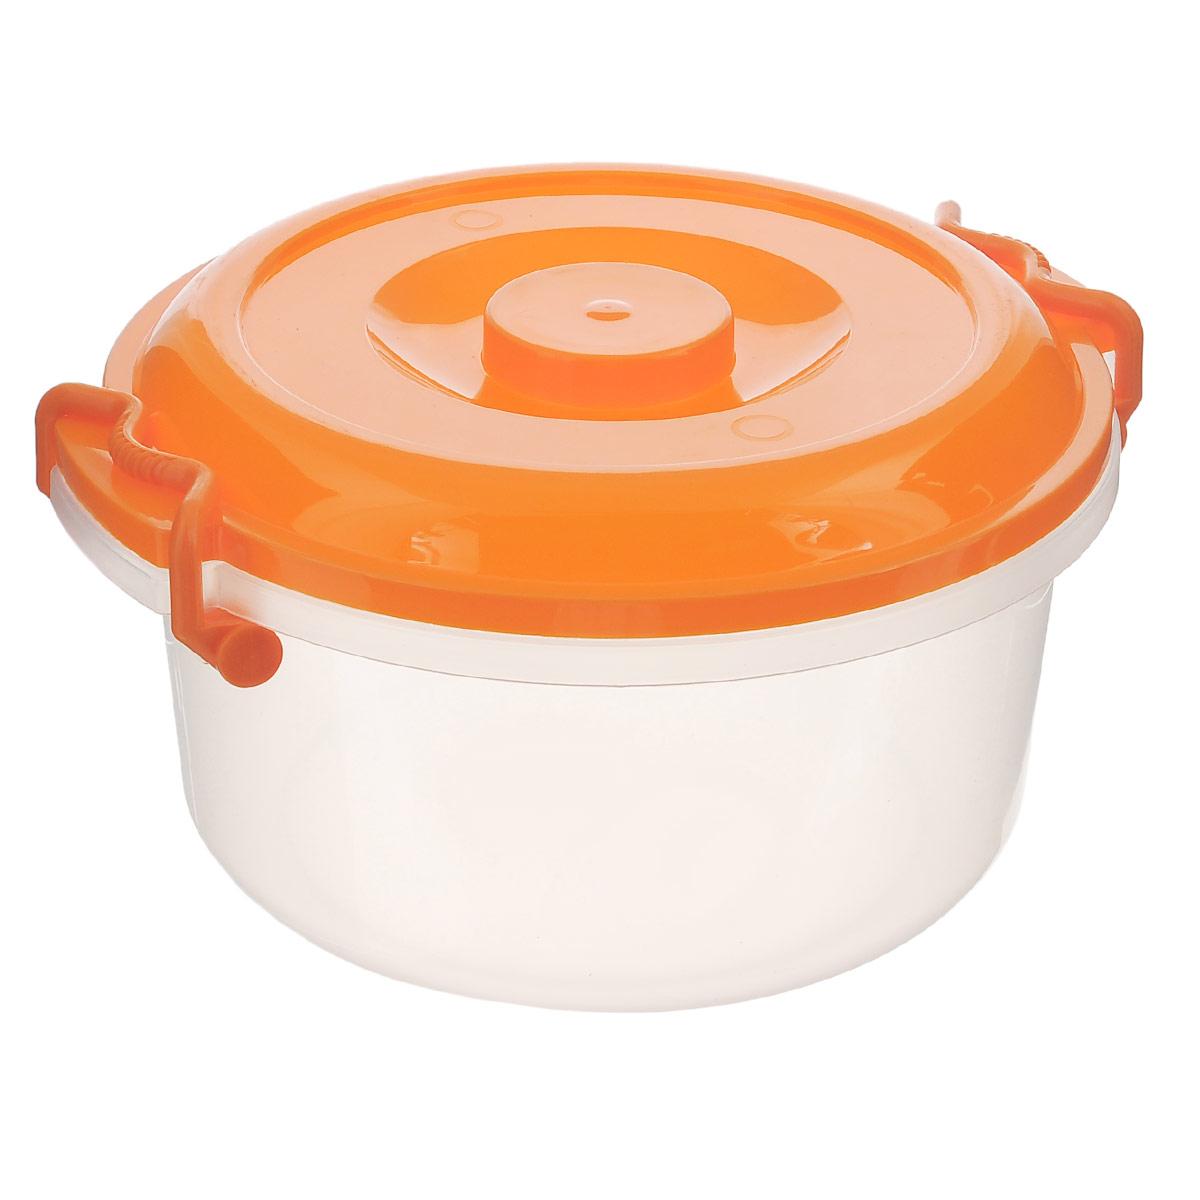 Контейнер Альтернатива, цвет: оранжевый, 5 л контейнер круглый с крышкой и ручками 5л альтернатива м097